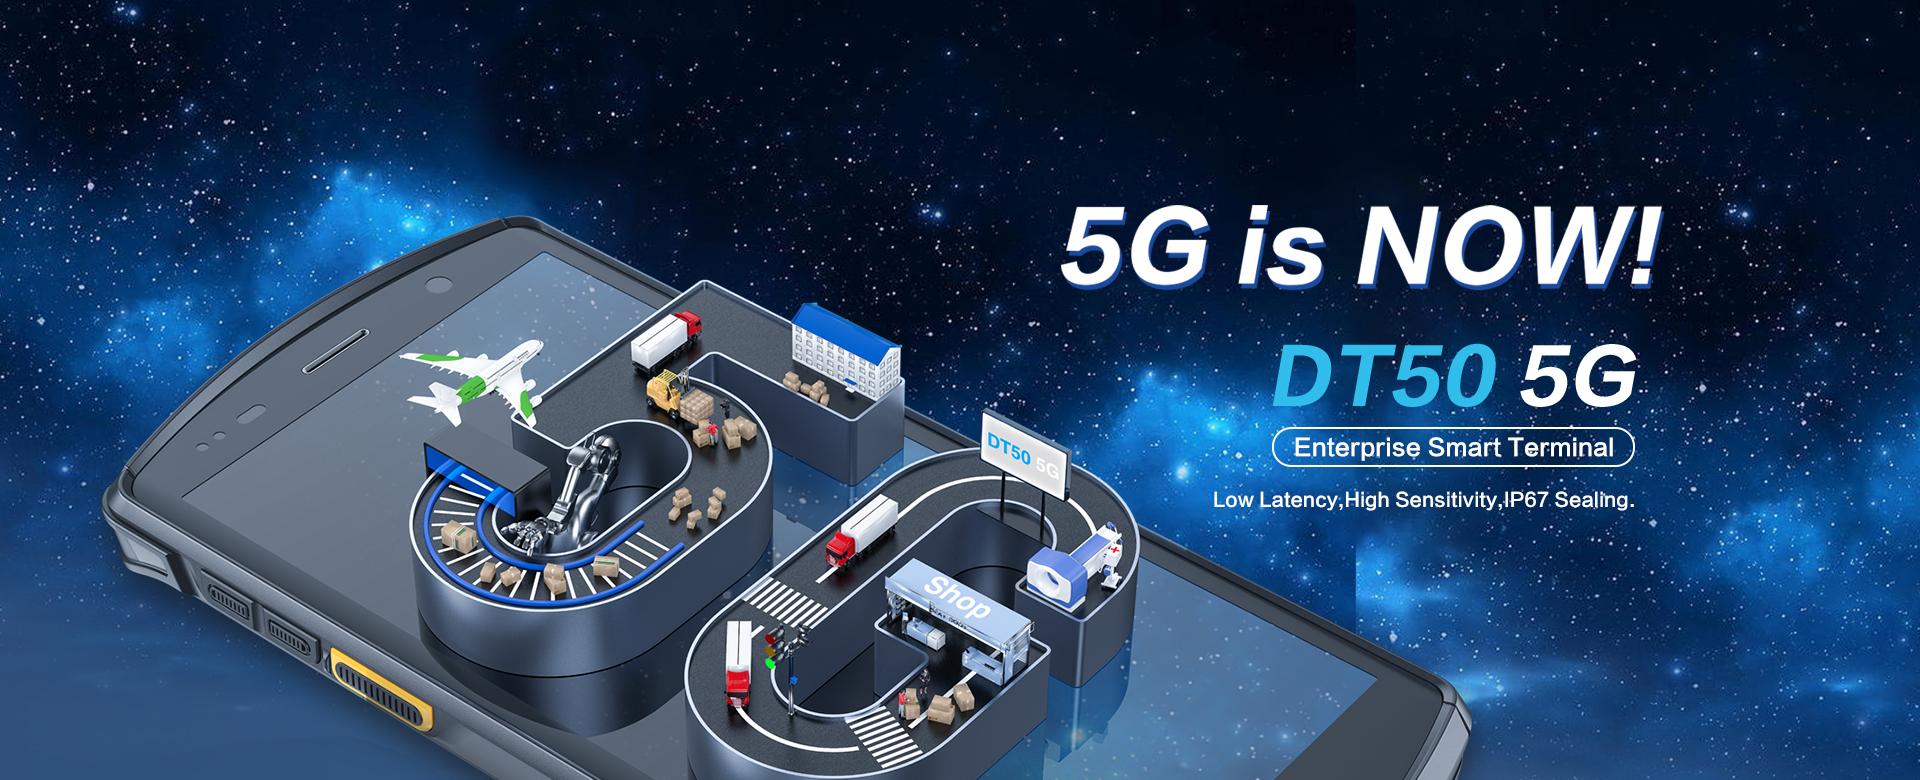 DT50 5G